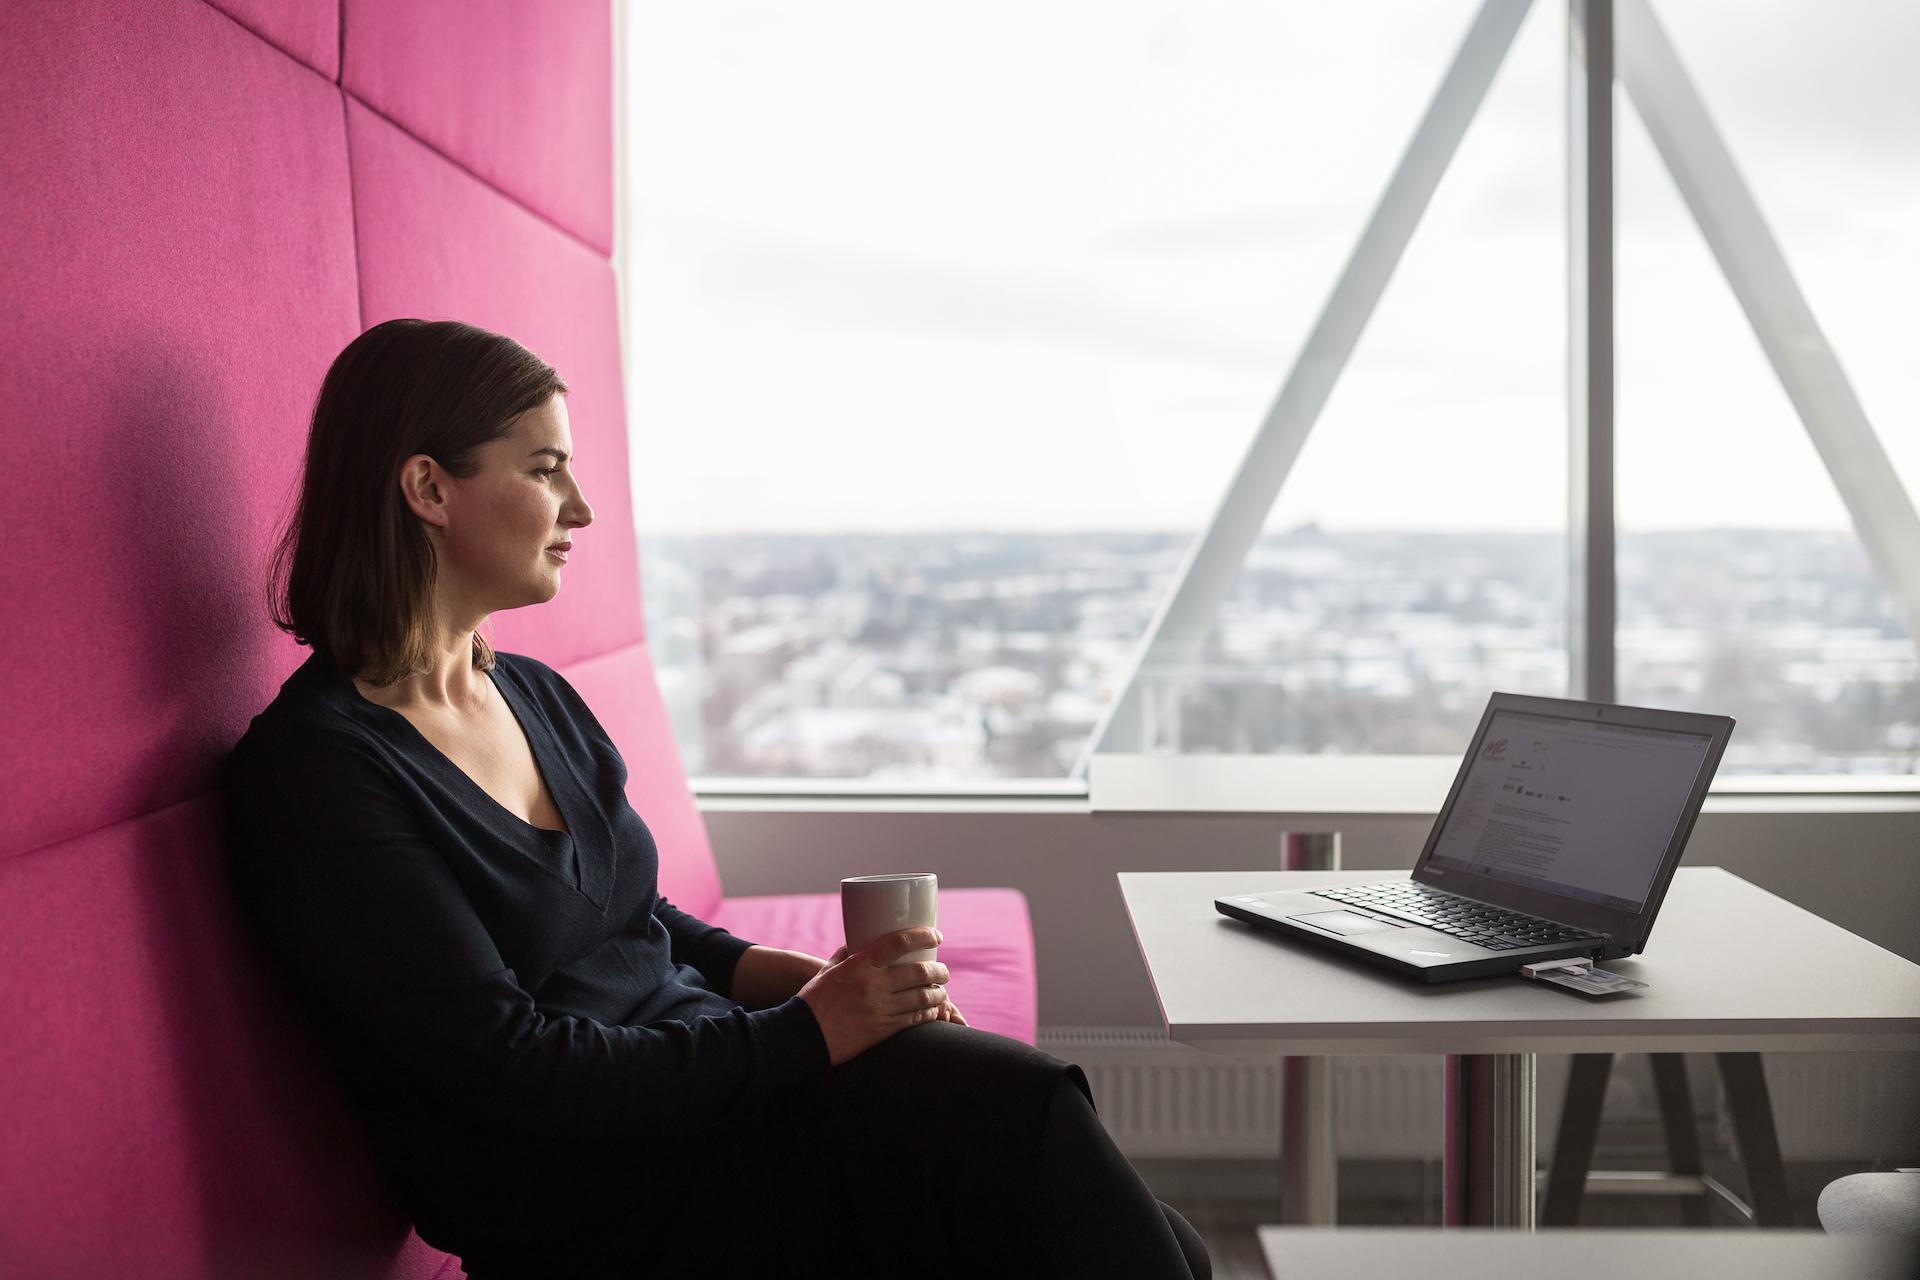 Woman, laptop, internet